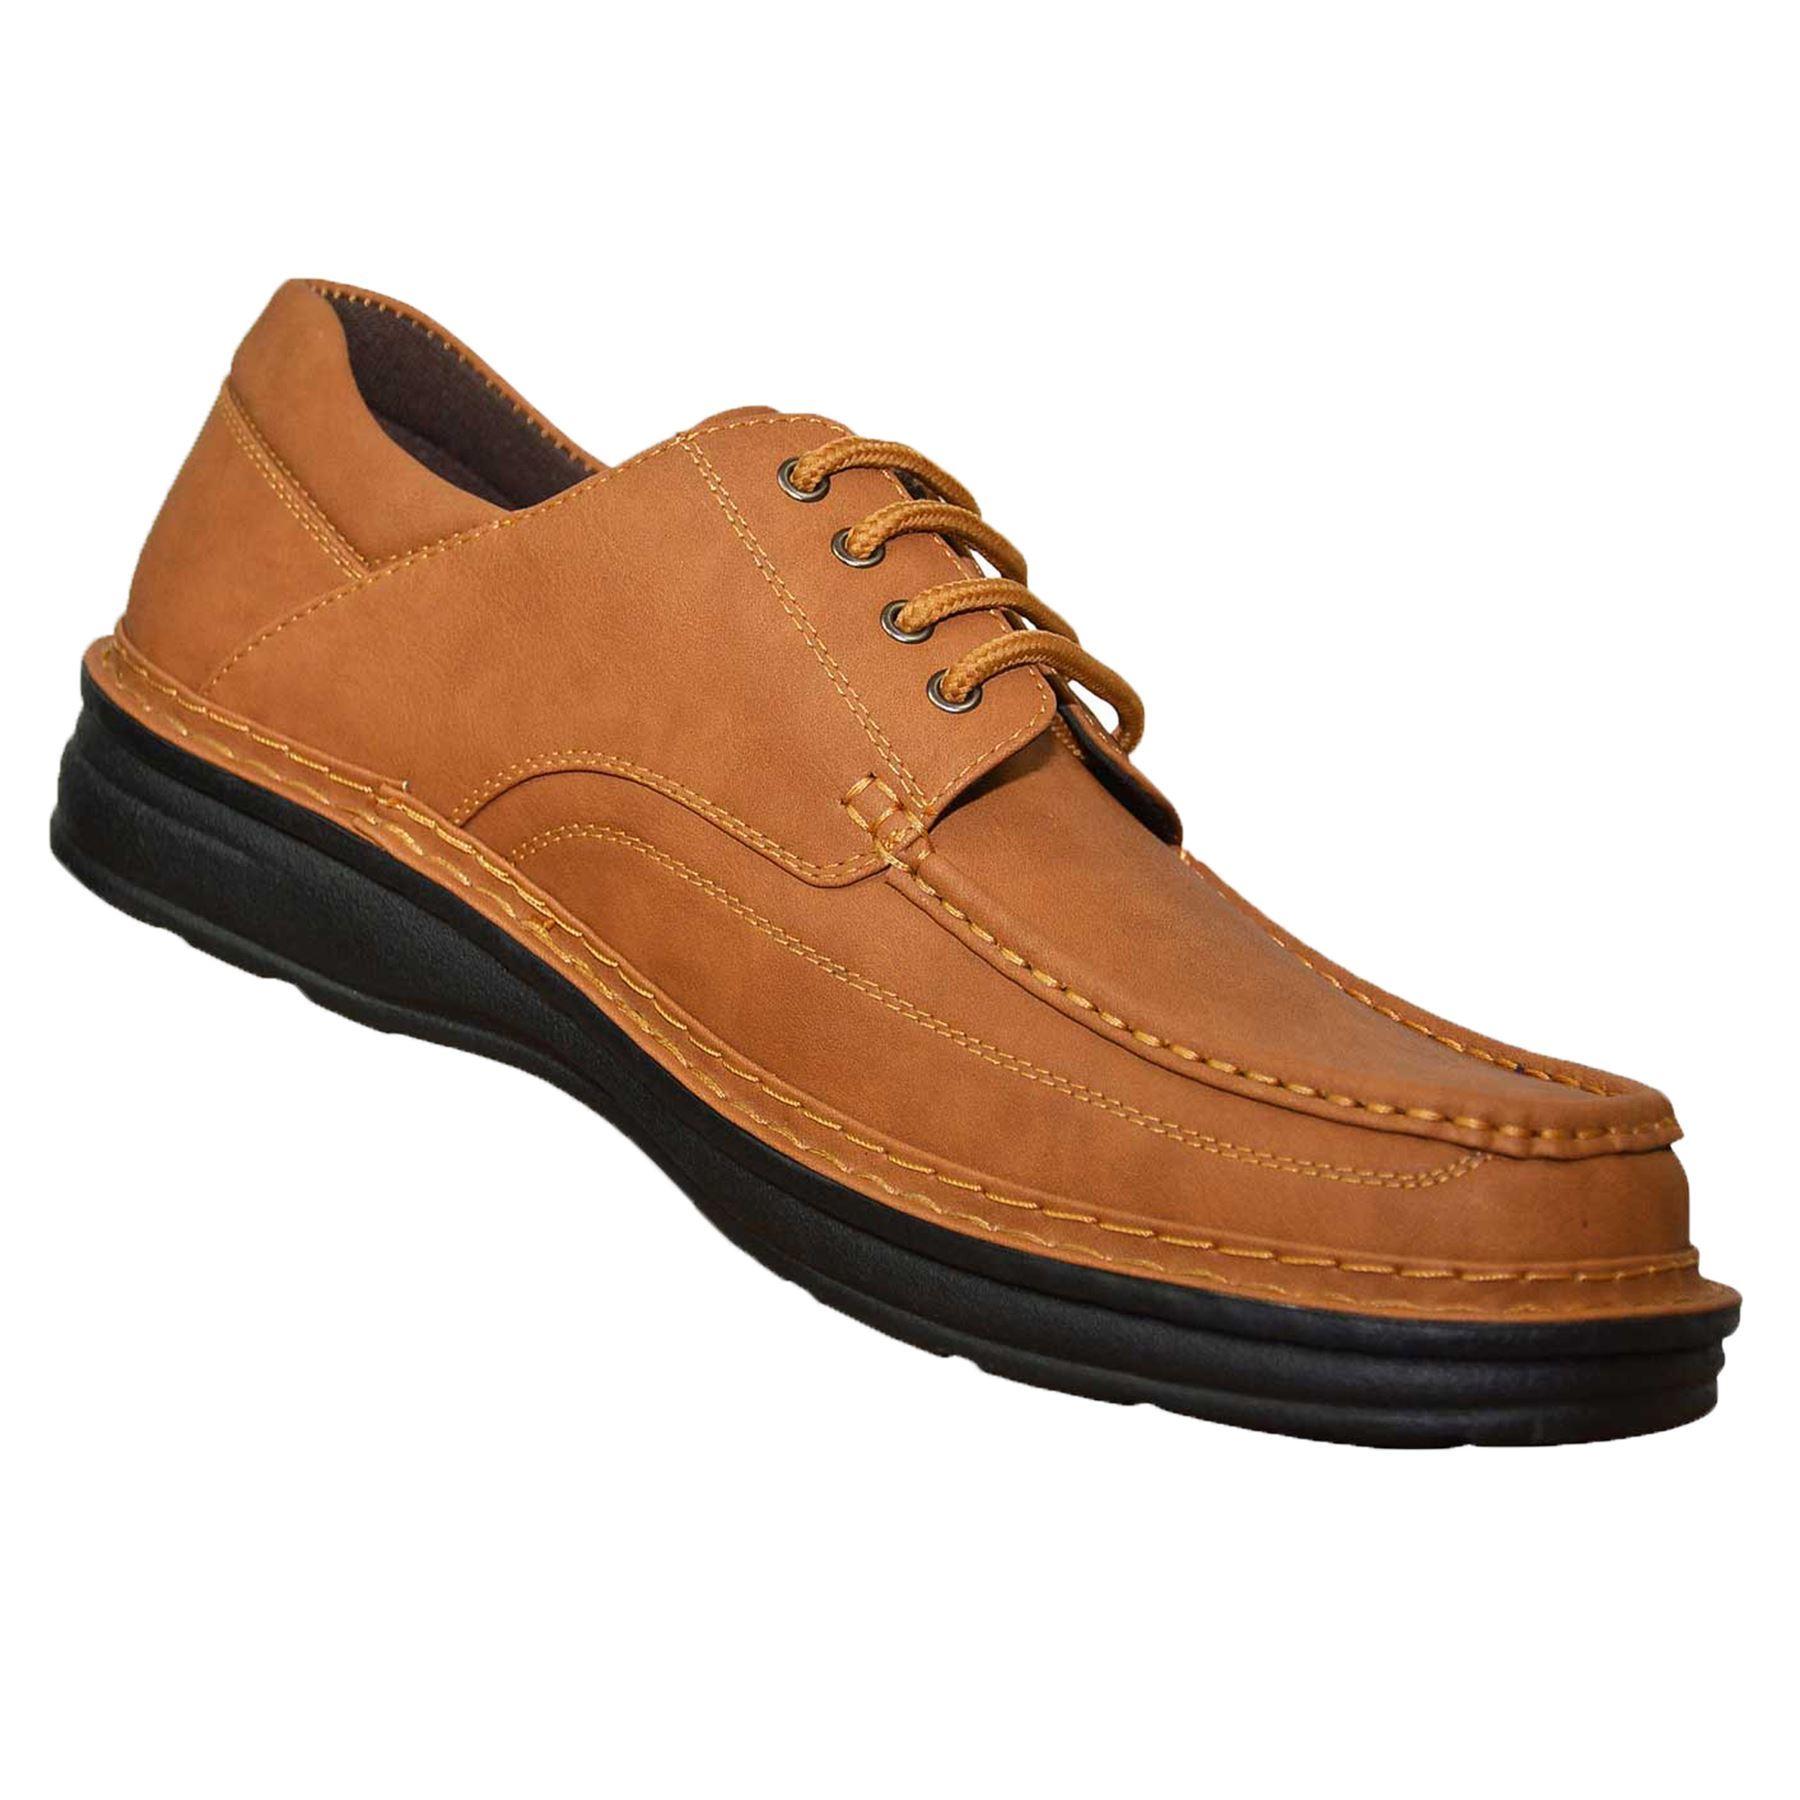 Détails sur Mens duc grande taille Lace Up classique Deck Boat Shoes Boots UK 10 11 12 13 14 15 afficher le titre d'origine